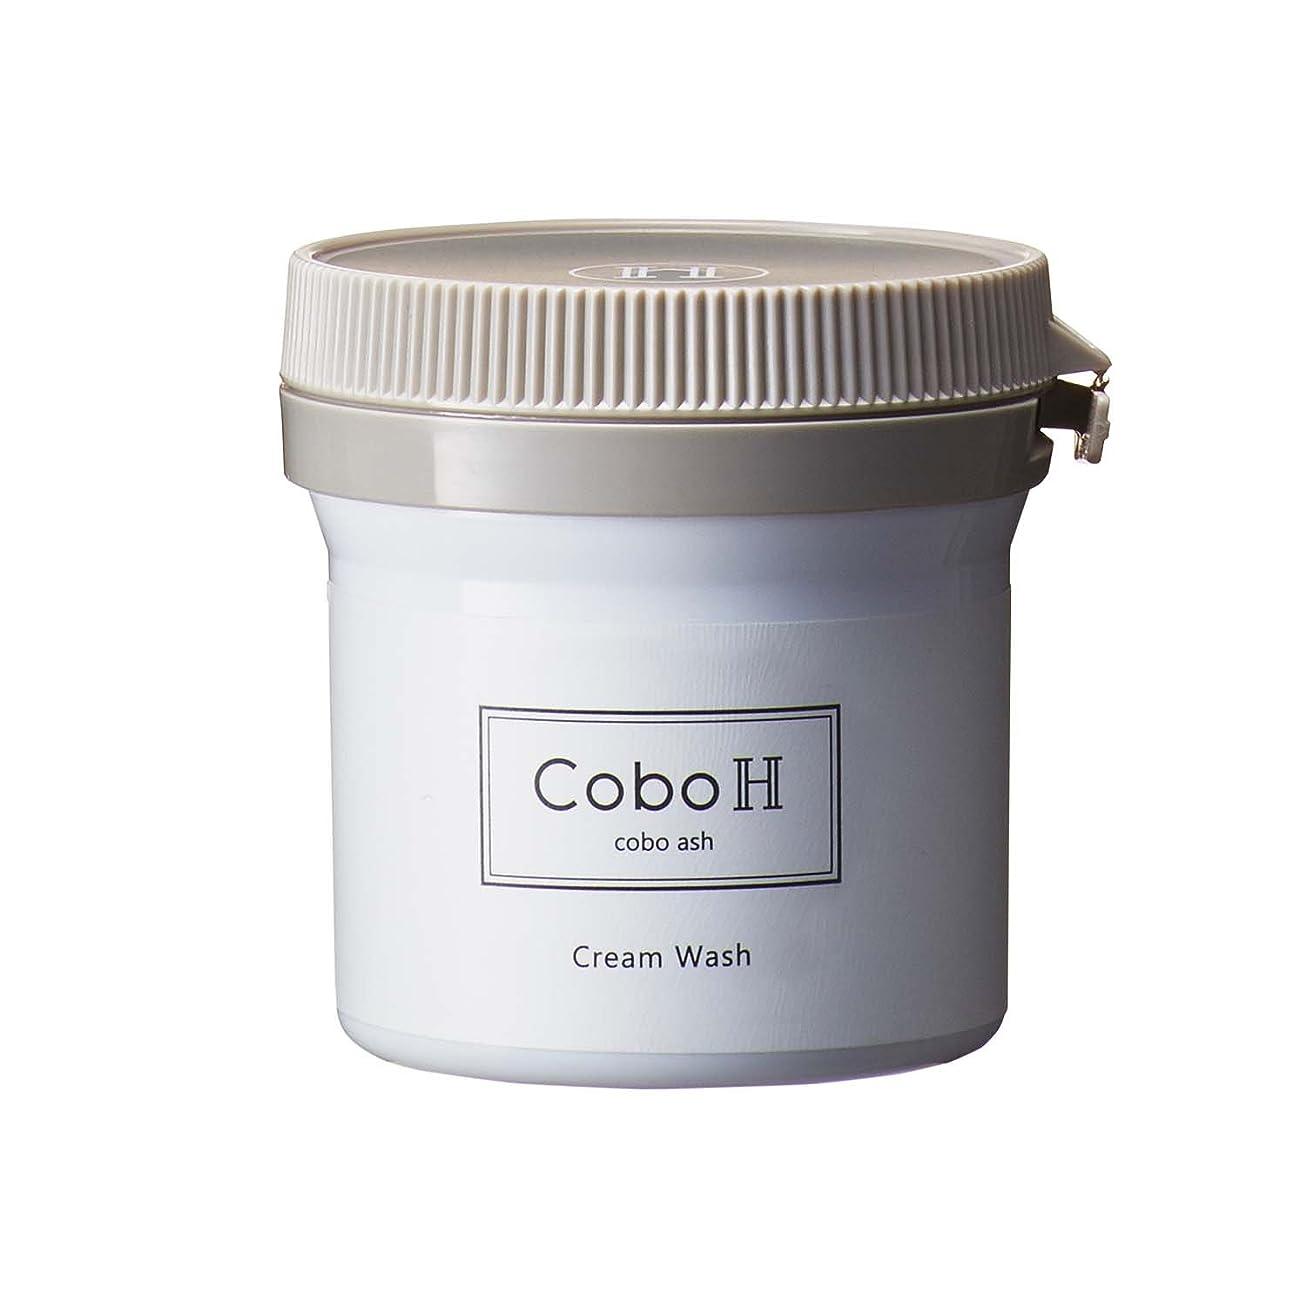 相関するセンチメンタル月CoboH コーボアッシュ くりーむウォッシュ 洗顔クリーム 80g